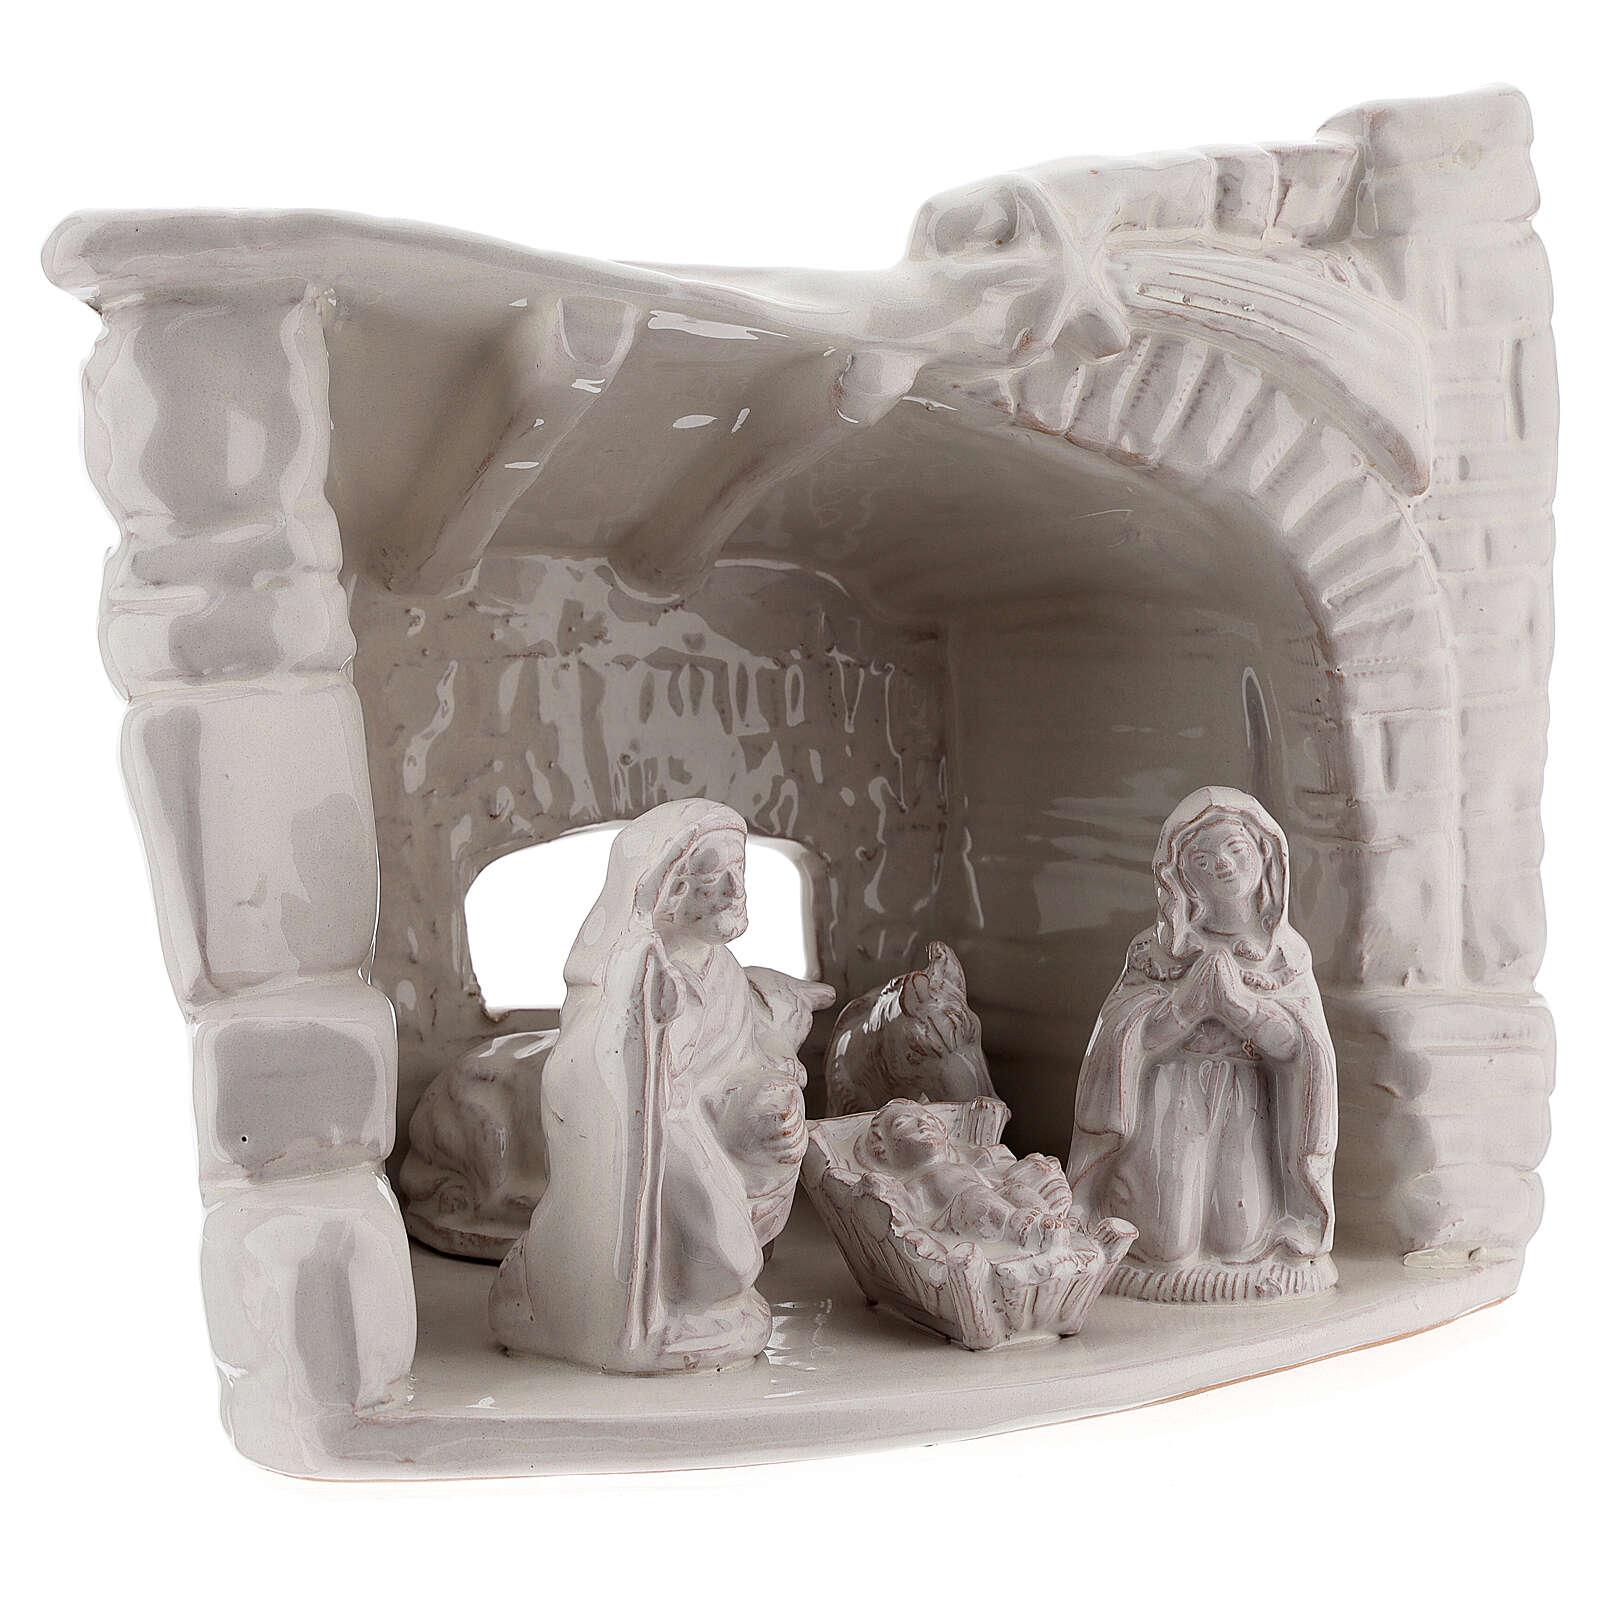 Cabaña natividad piedra medio arco terracota blanca Deruta 20 cm 4